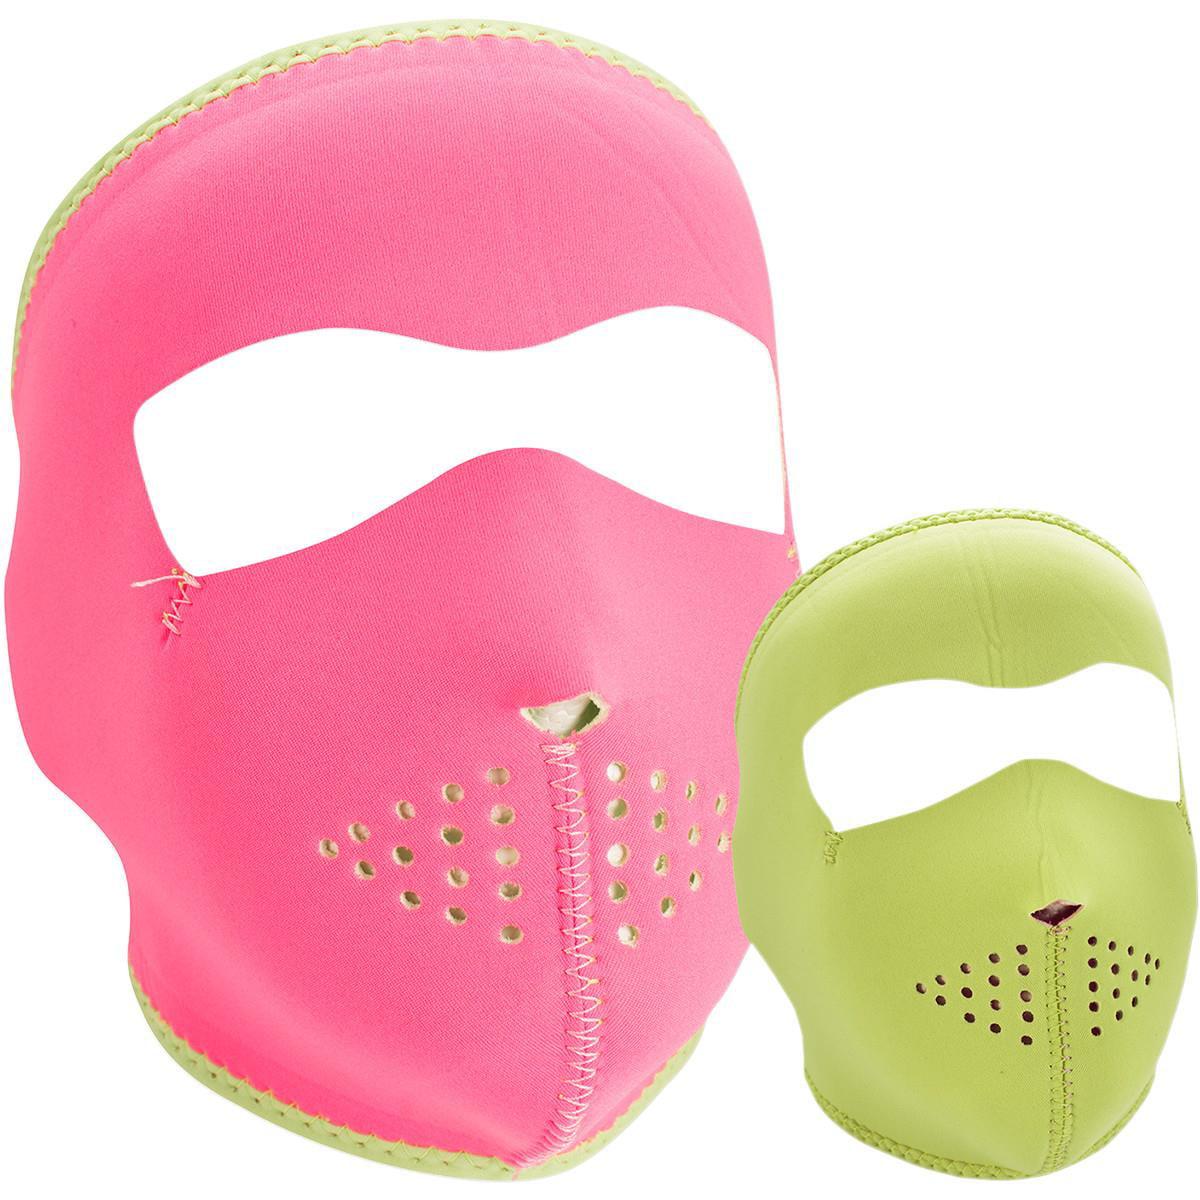 Zan Headgear Full Face Mask (Black, OSFM) by Zan Headgear